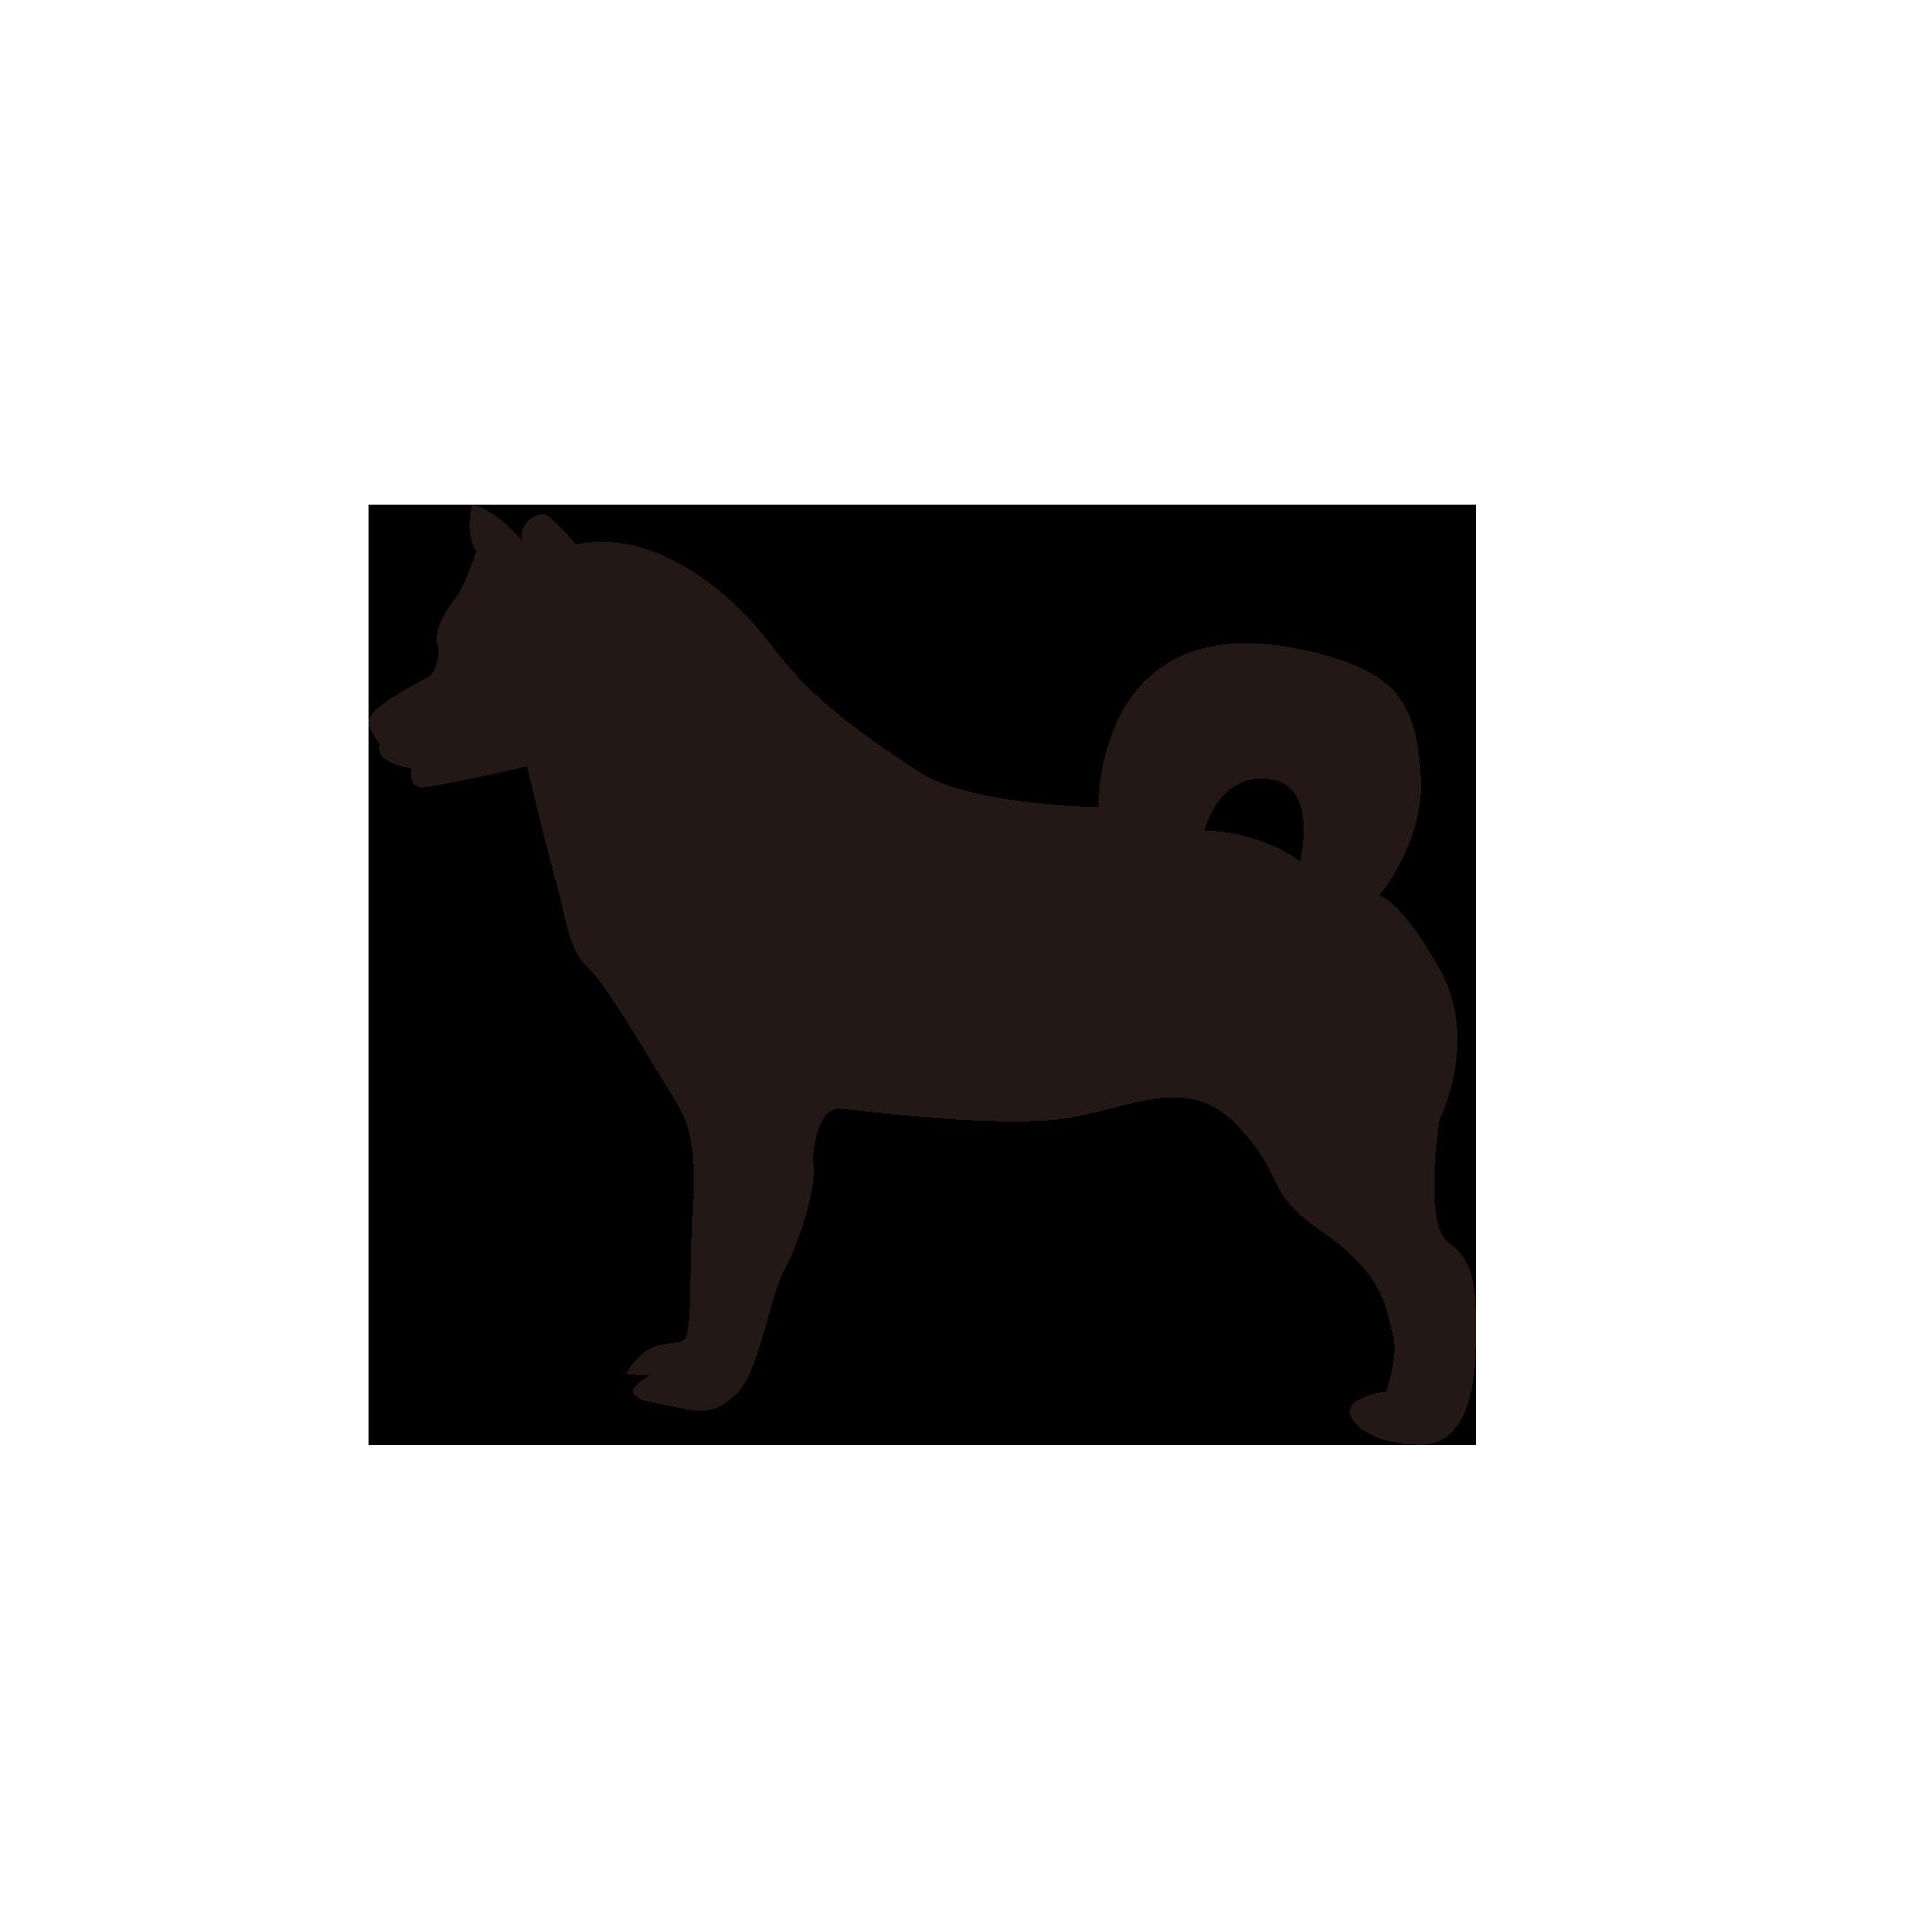 犬シルエット